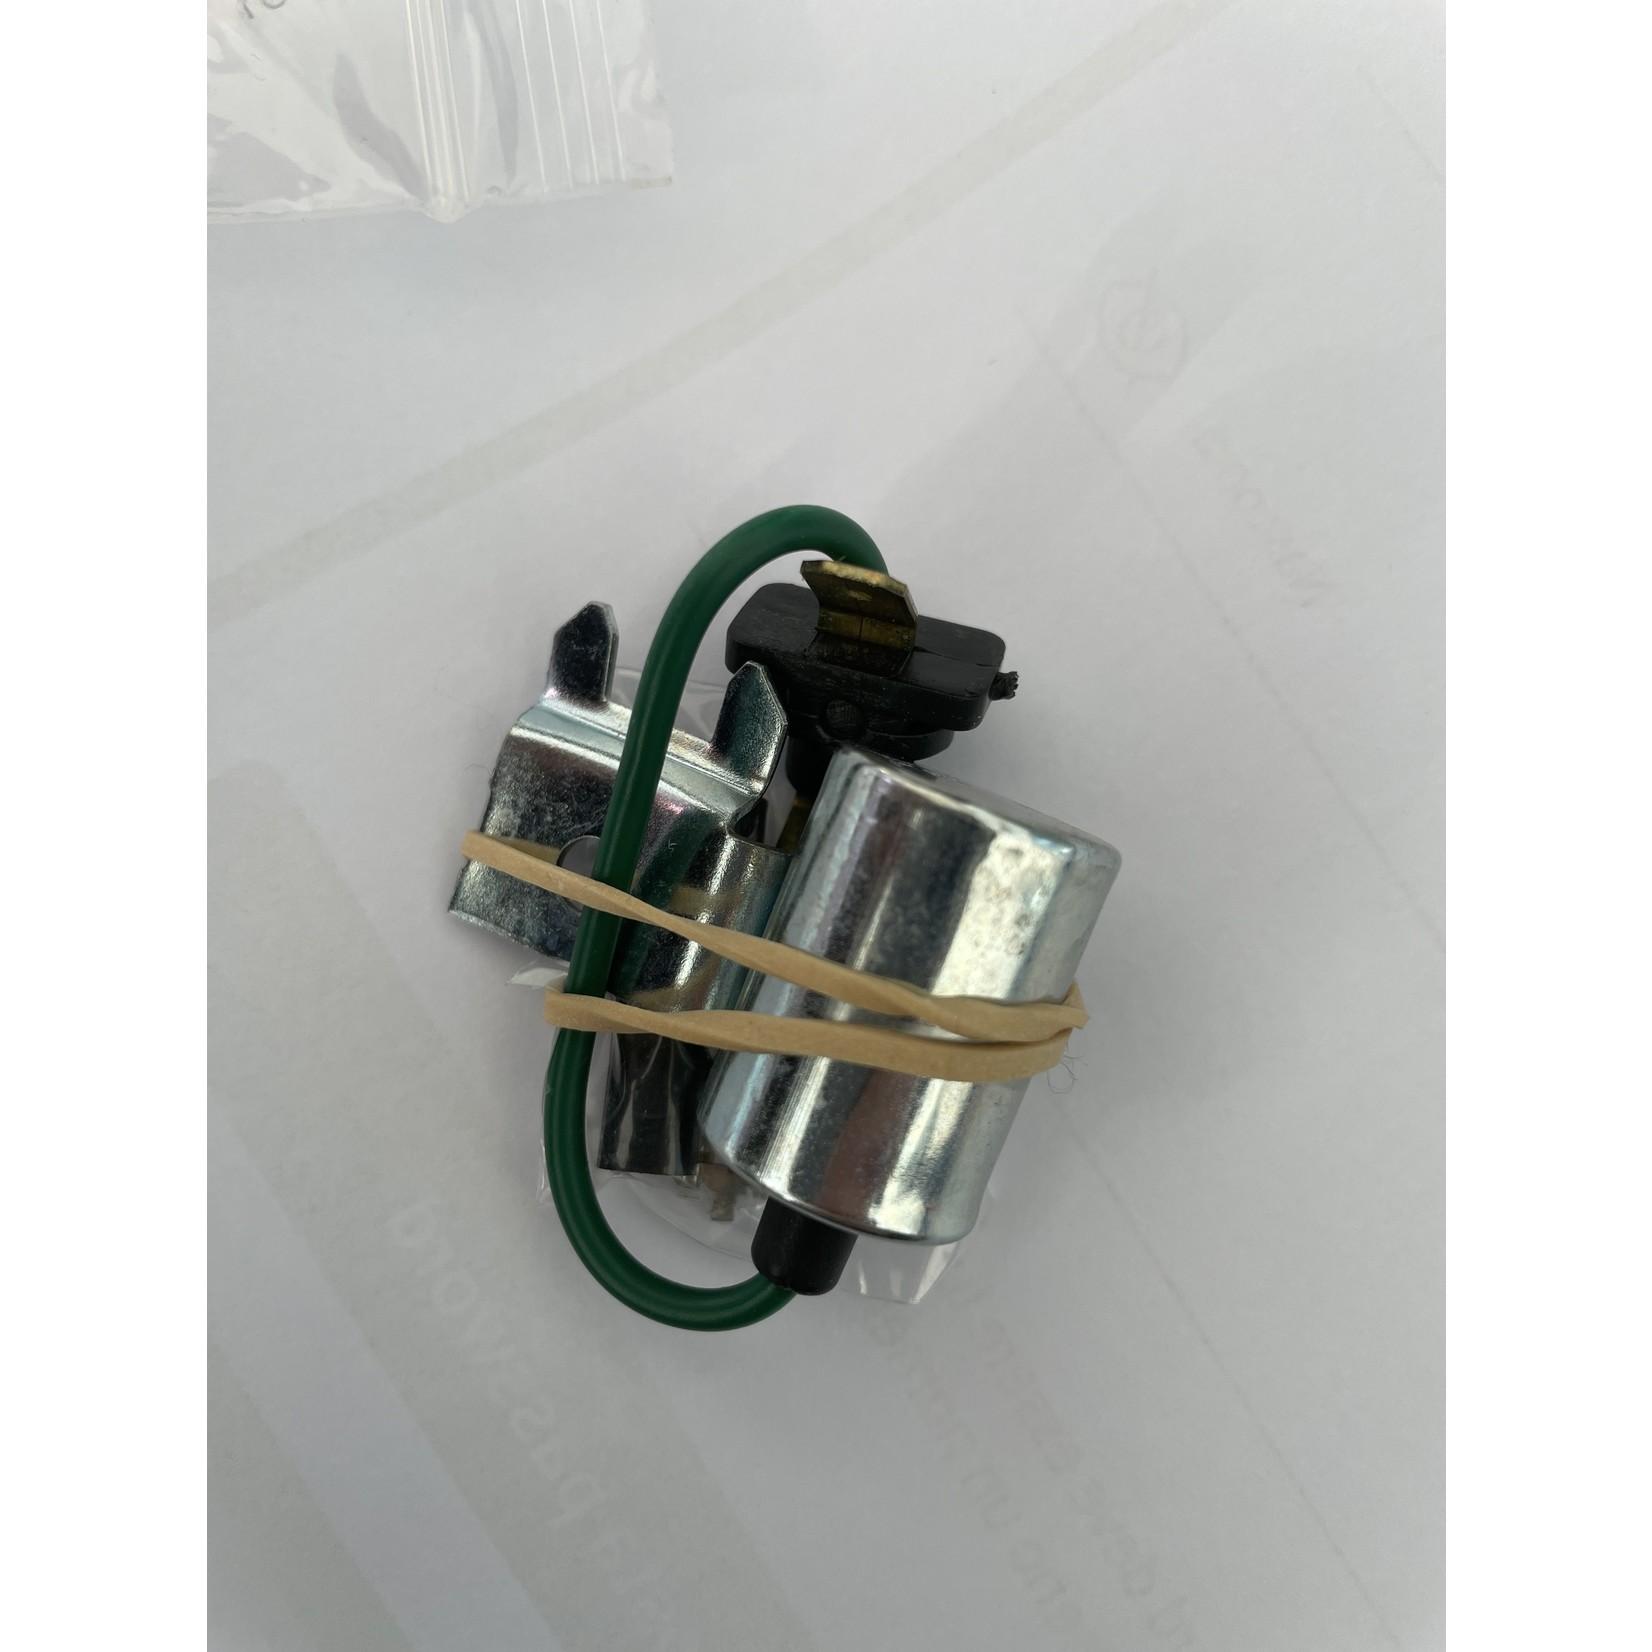 Condenser Bosch Nr Org: DX211208A